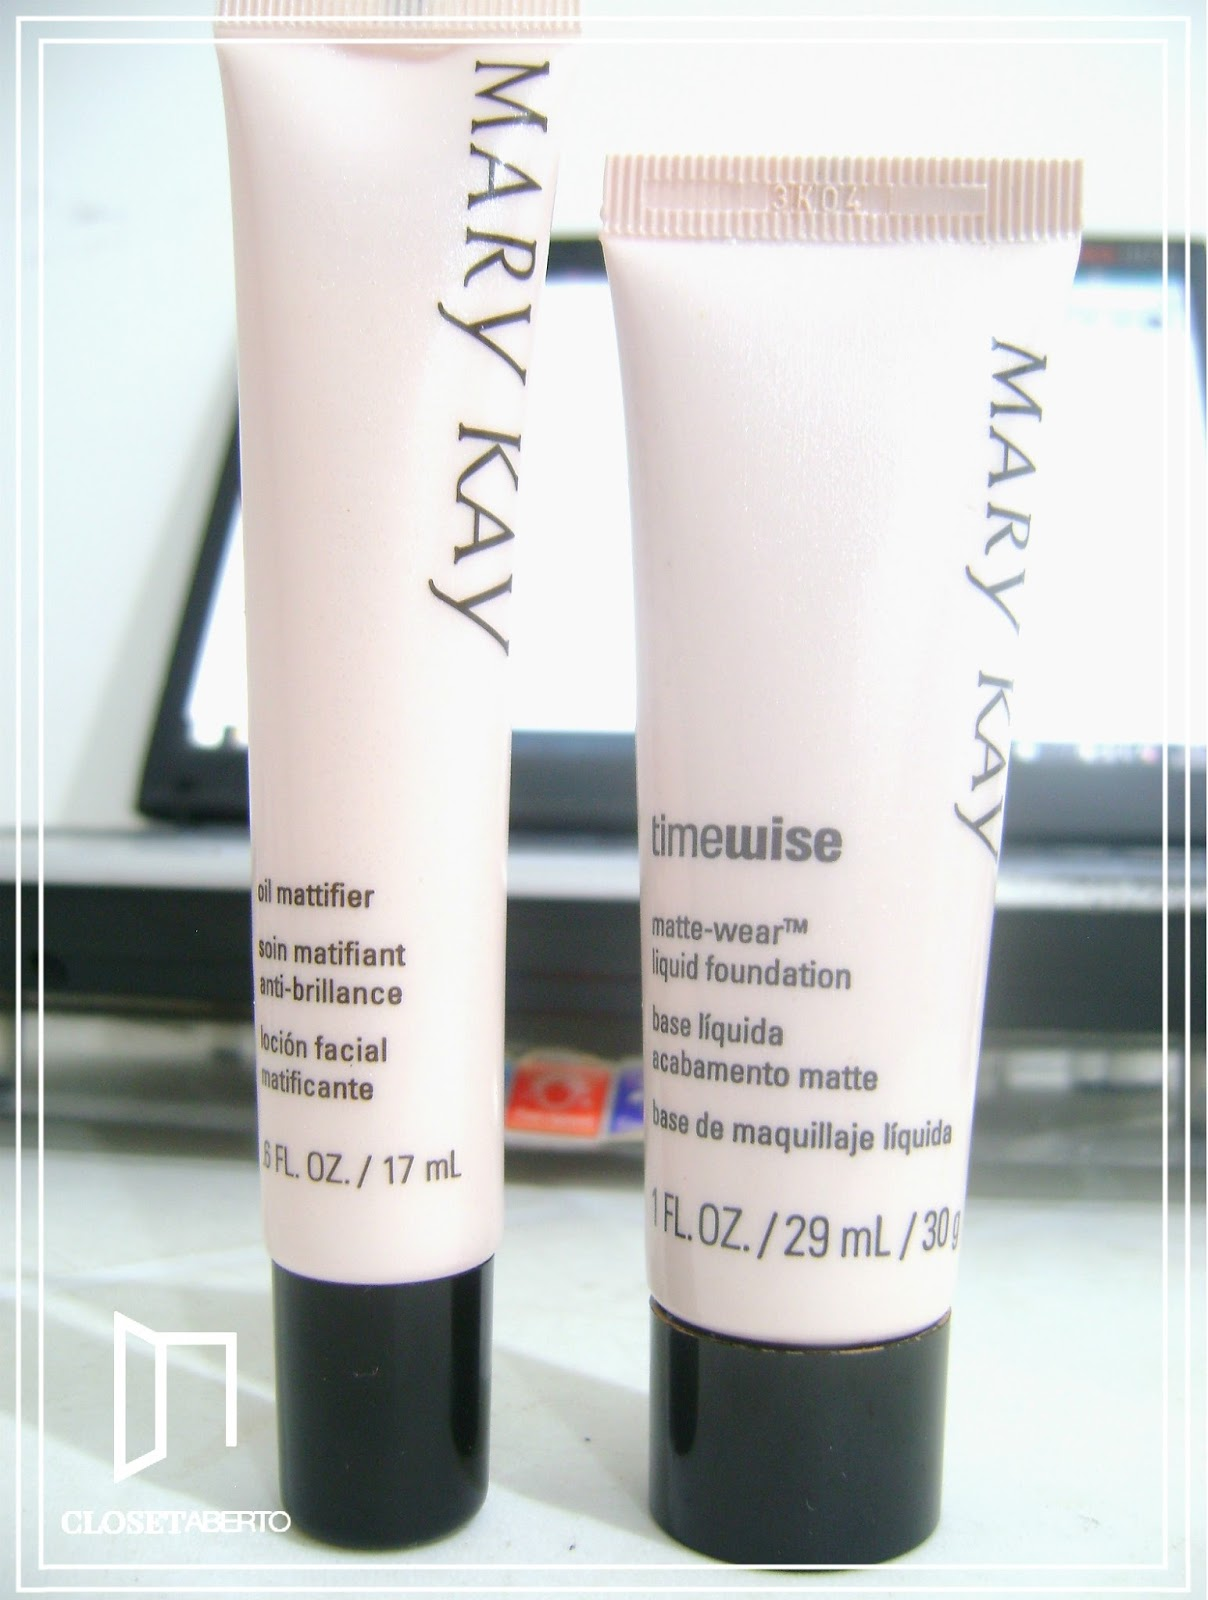 Resenha loção matificante Mary Kay | oil mattifier, produto matificante